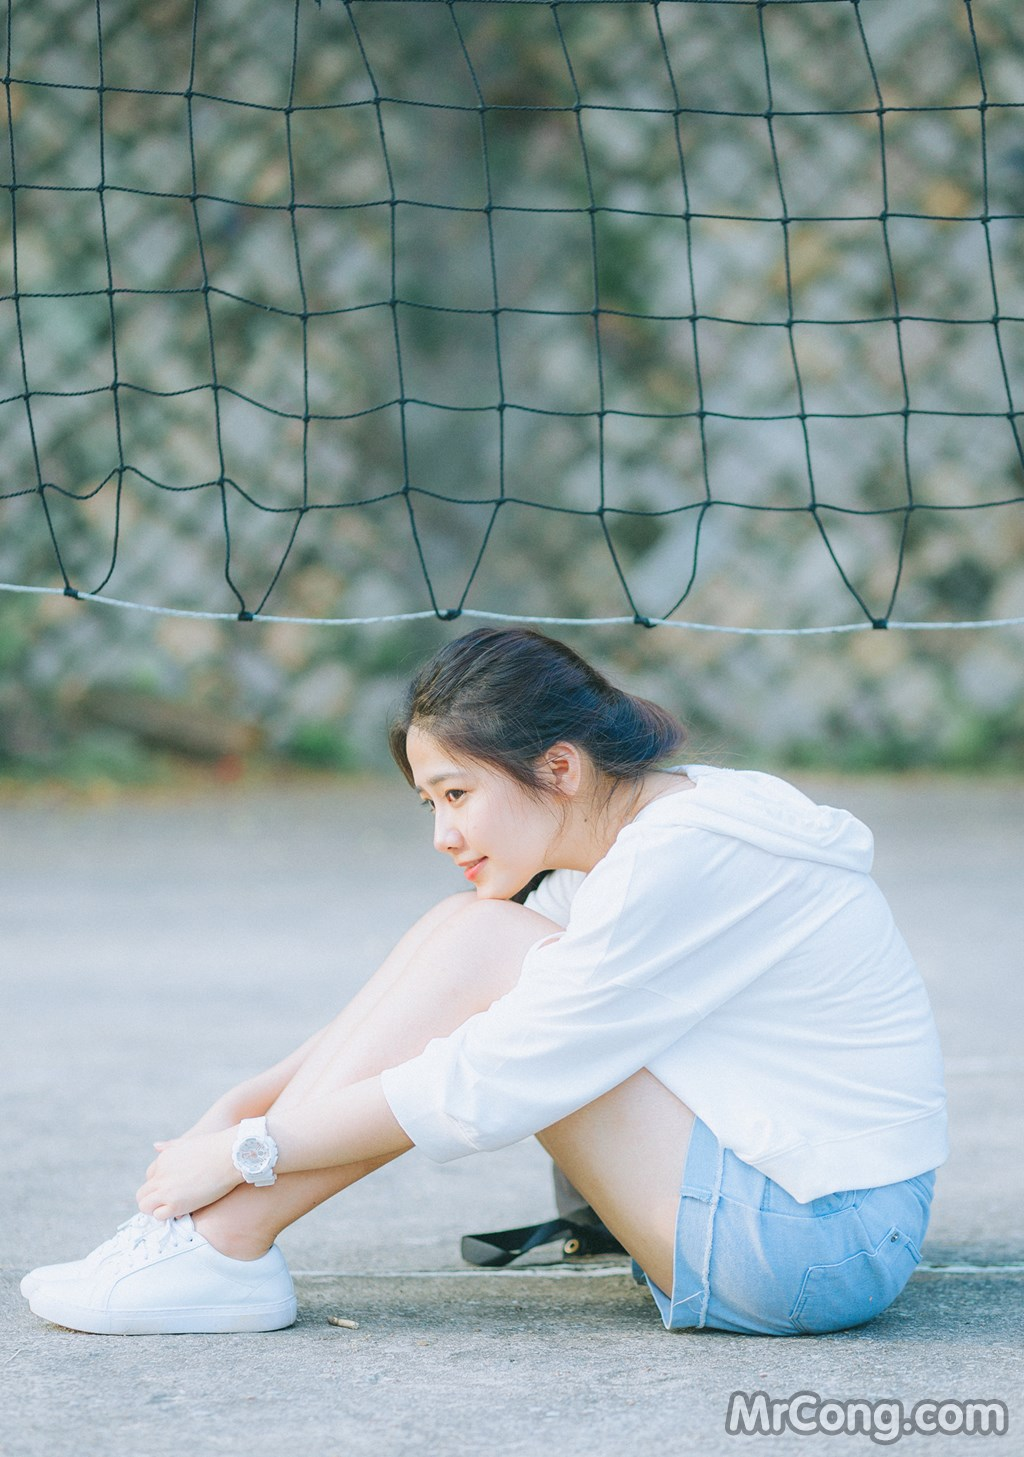 Image 27581715_1474945732866 in post Nữ sinh Trung Quốc xinh rạng ngời trên sân bóng (13 ảnh)